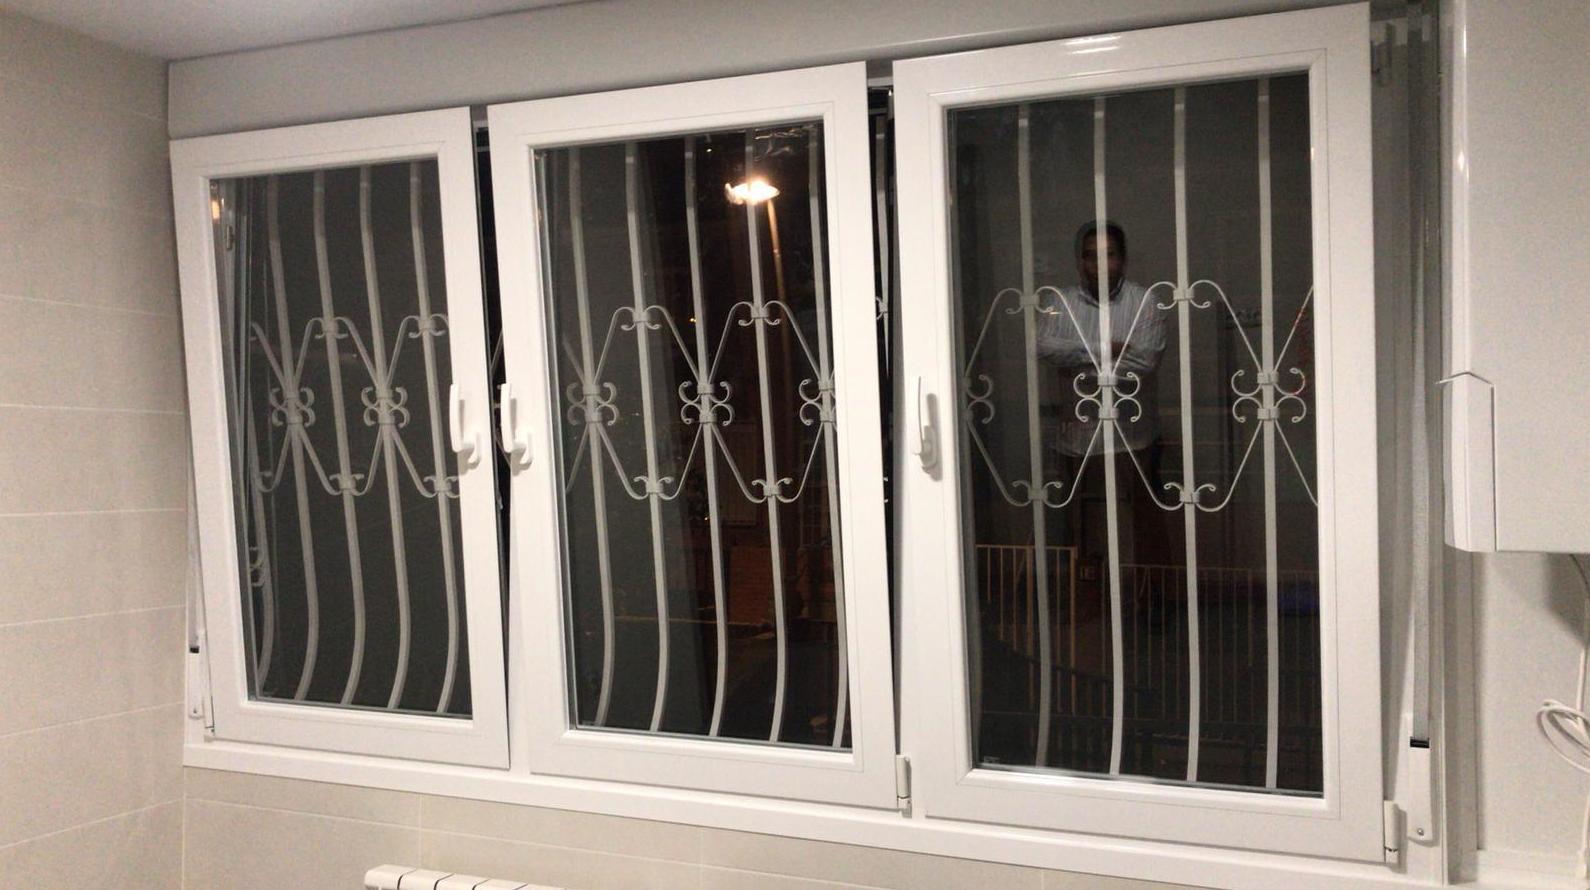 ventanal cocina en abatible de 3 hojas individuales  con oscilobatientes , persiana y doble acristalamiento